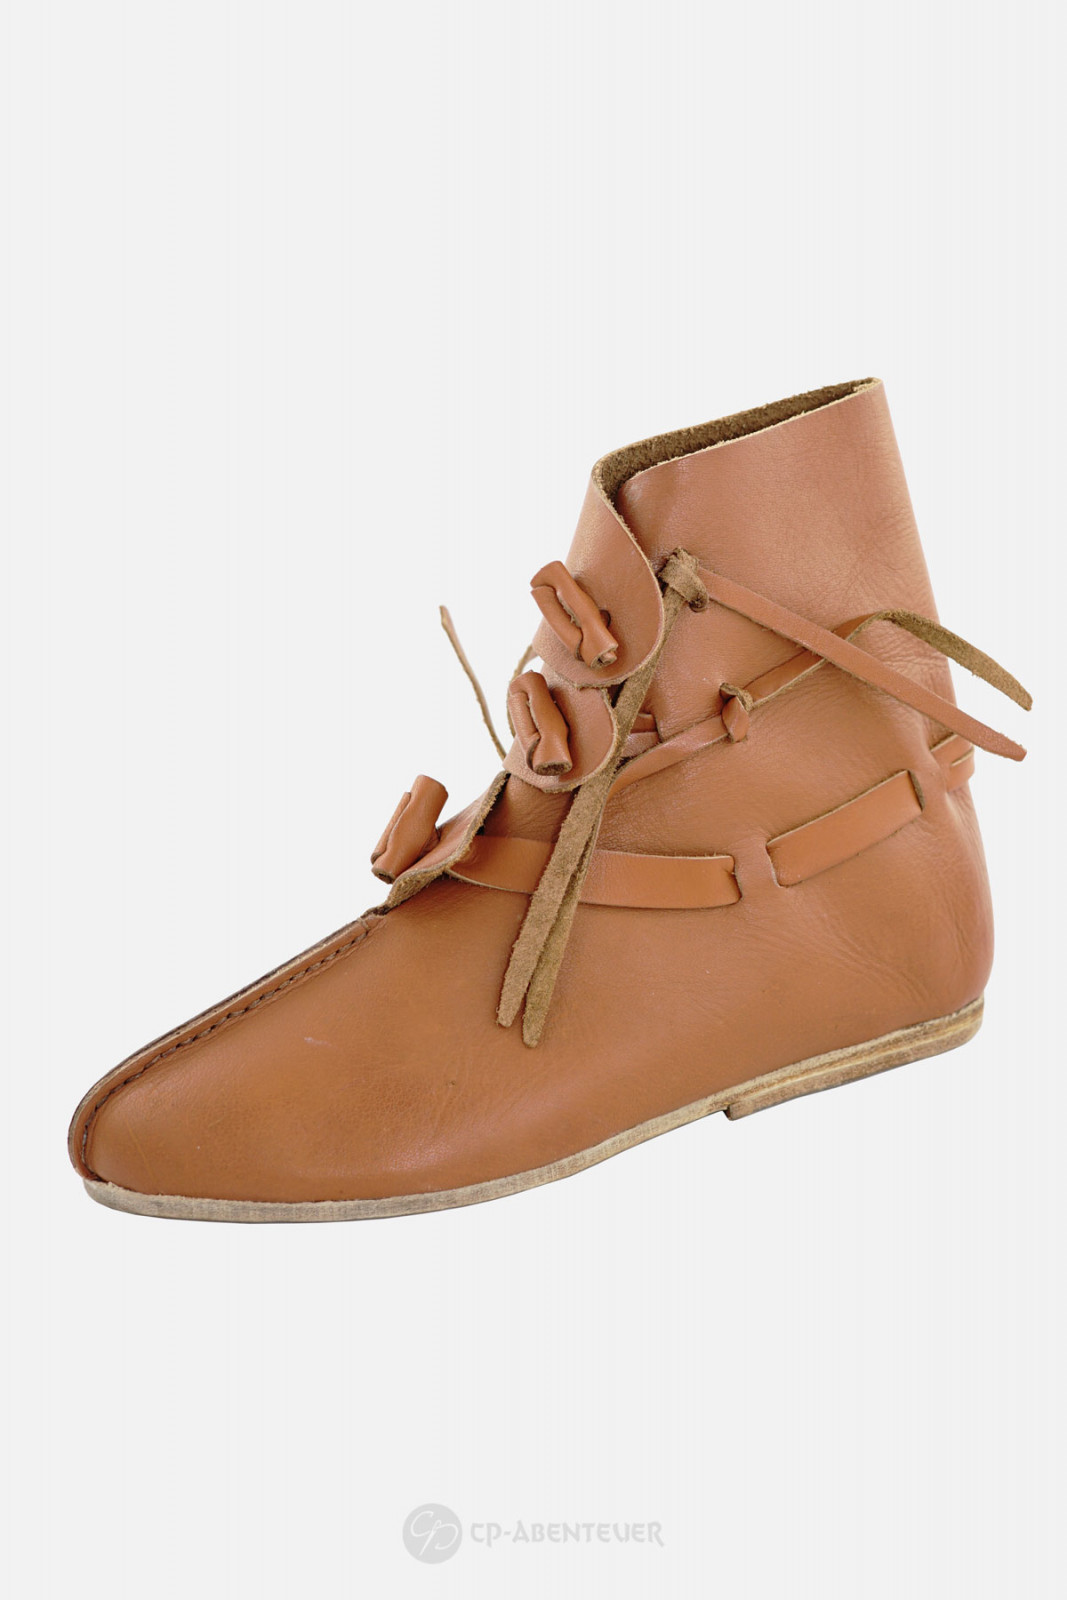 Herrmann - Schuhe